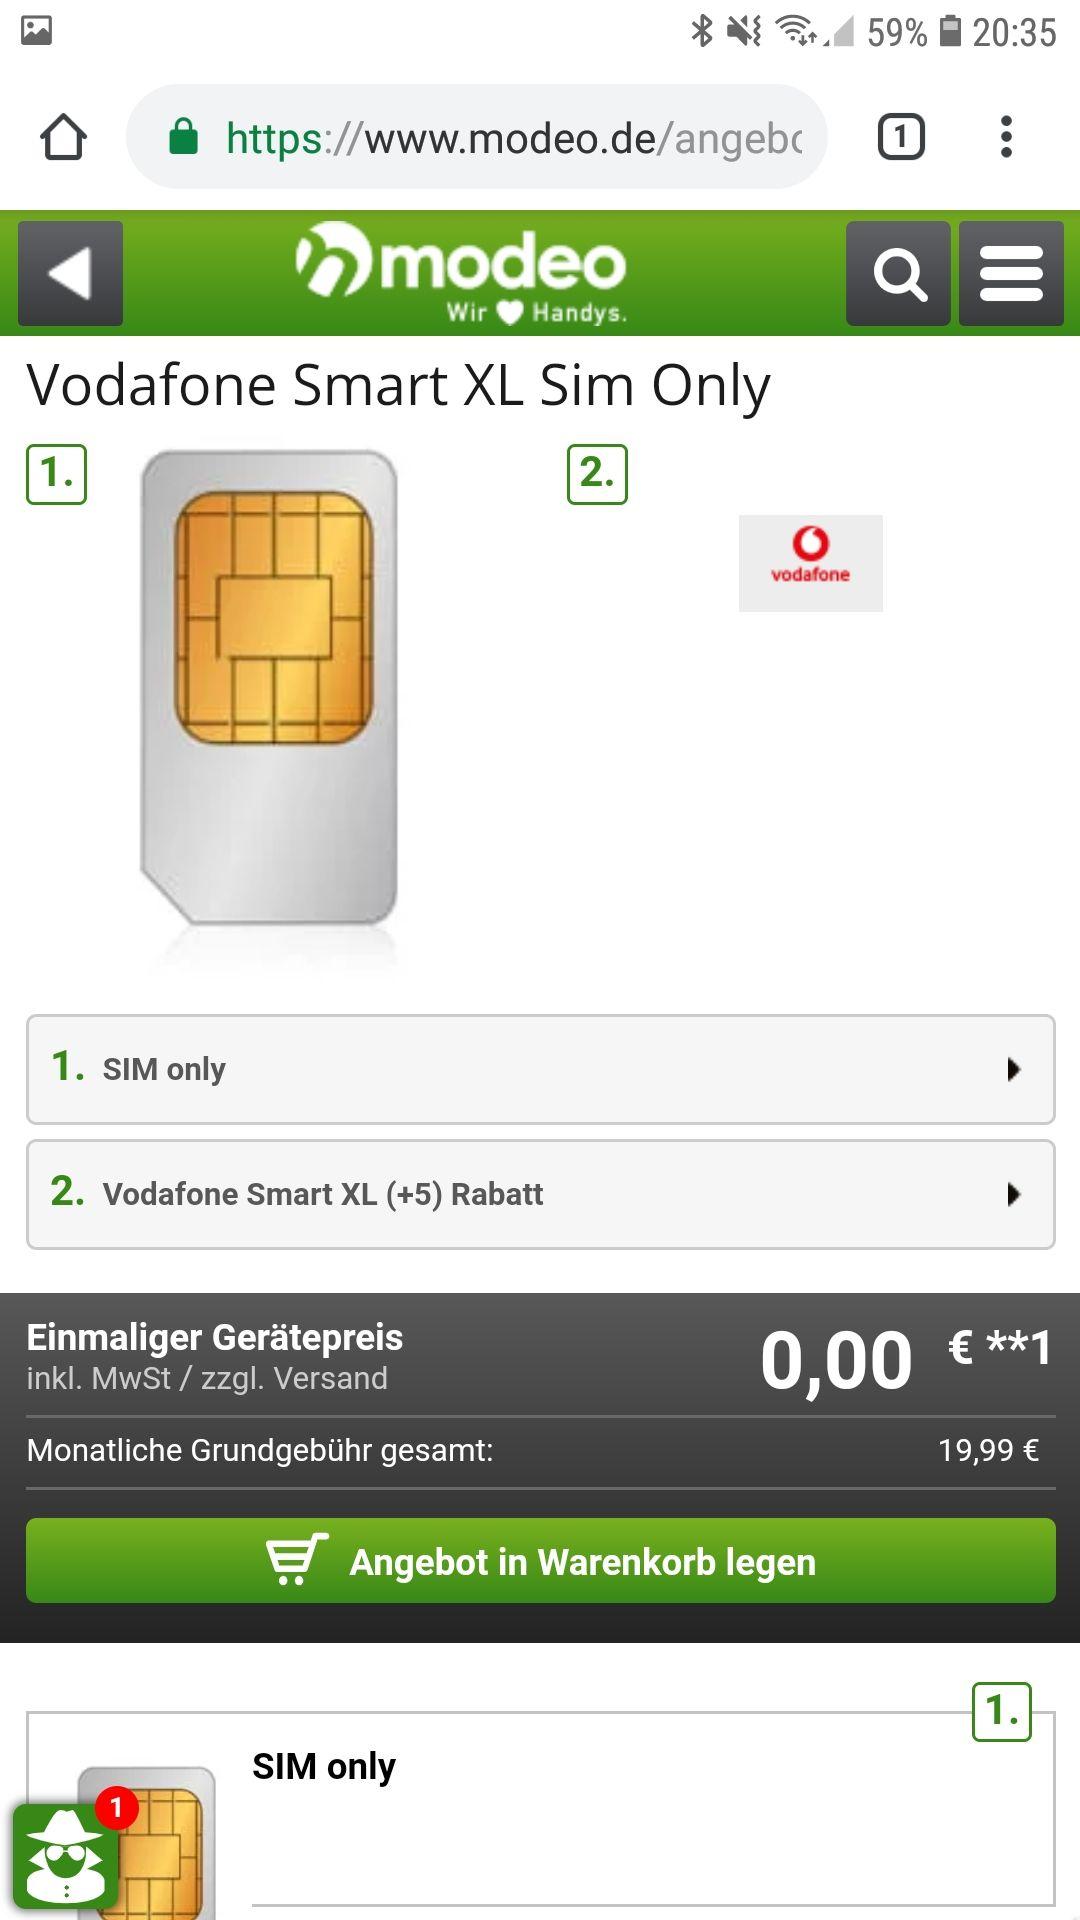 Vodafone XL Sim Only bei Modeo (19.99€ Monat) 11GB LTE 500 Mbit/s Allnet